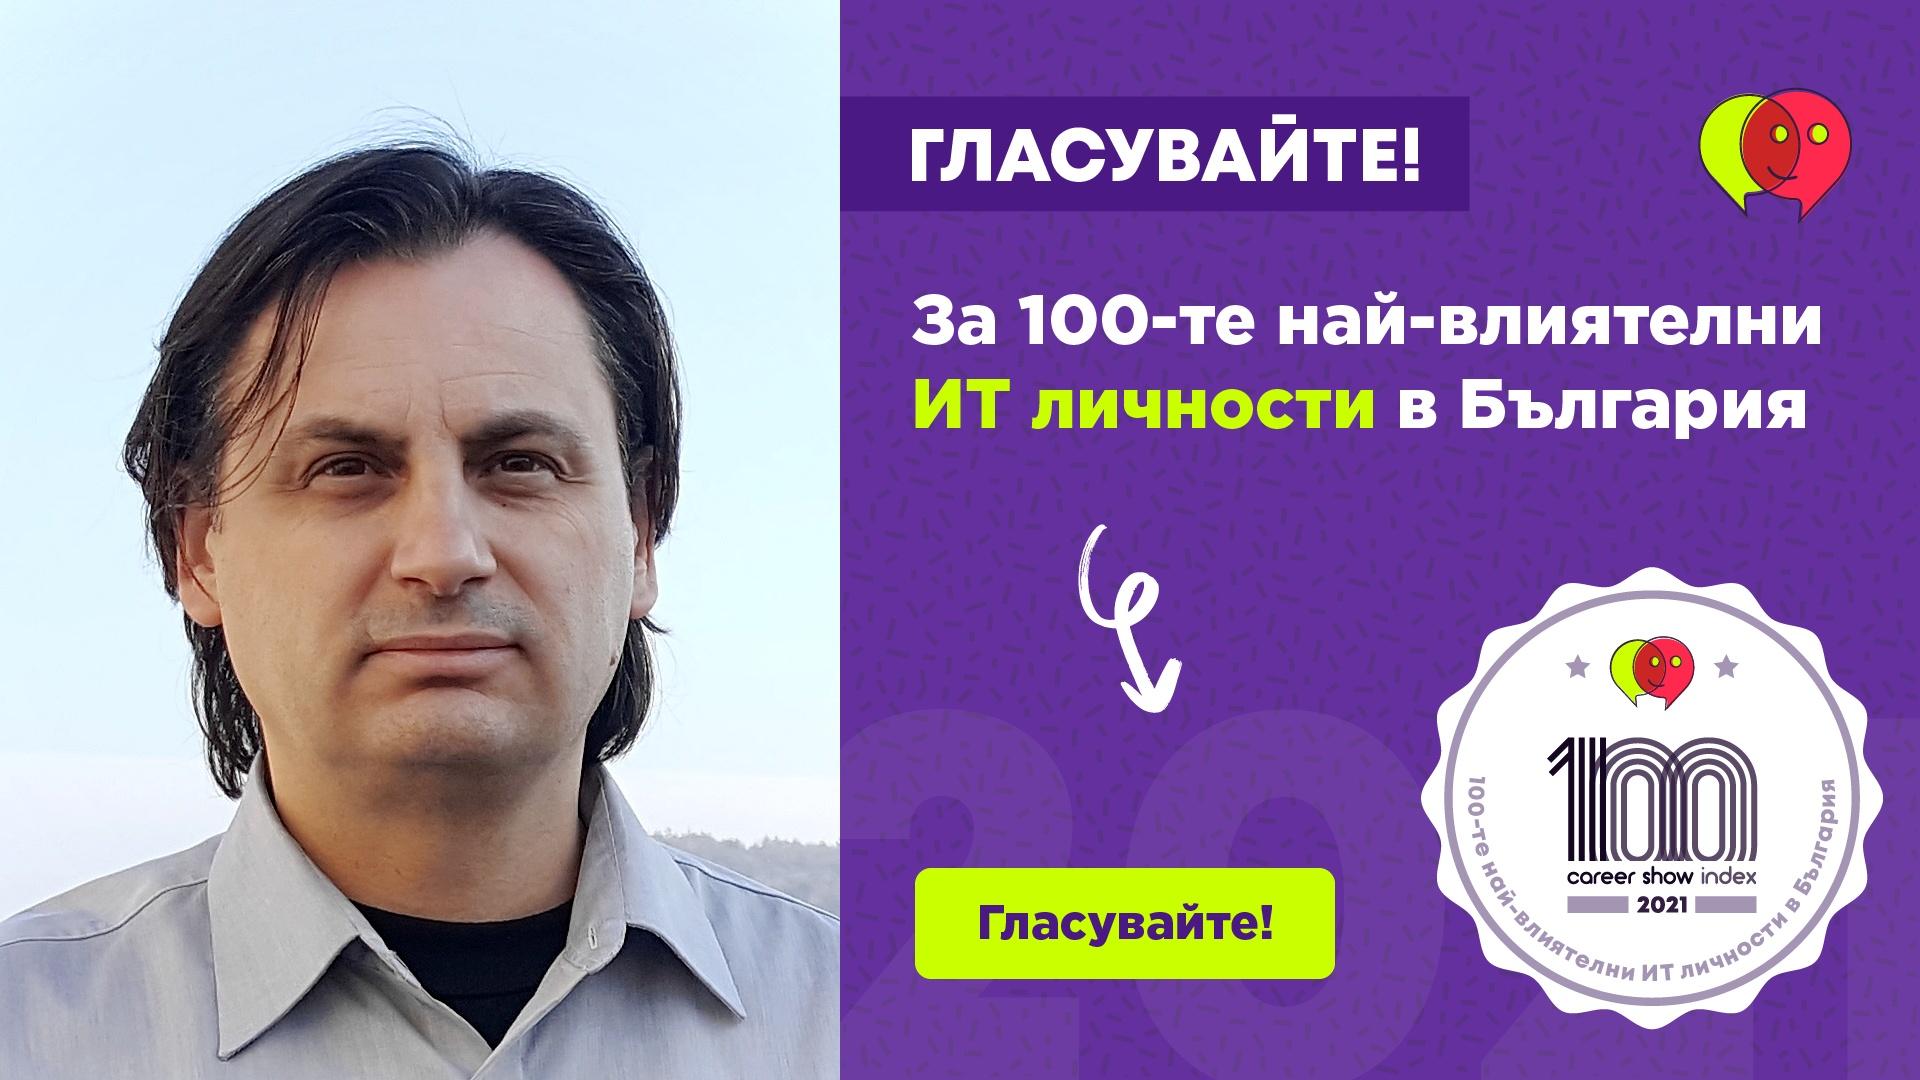 100-те най-влиятелни ИТ личности в България